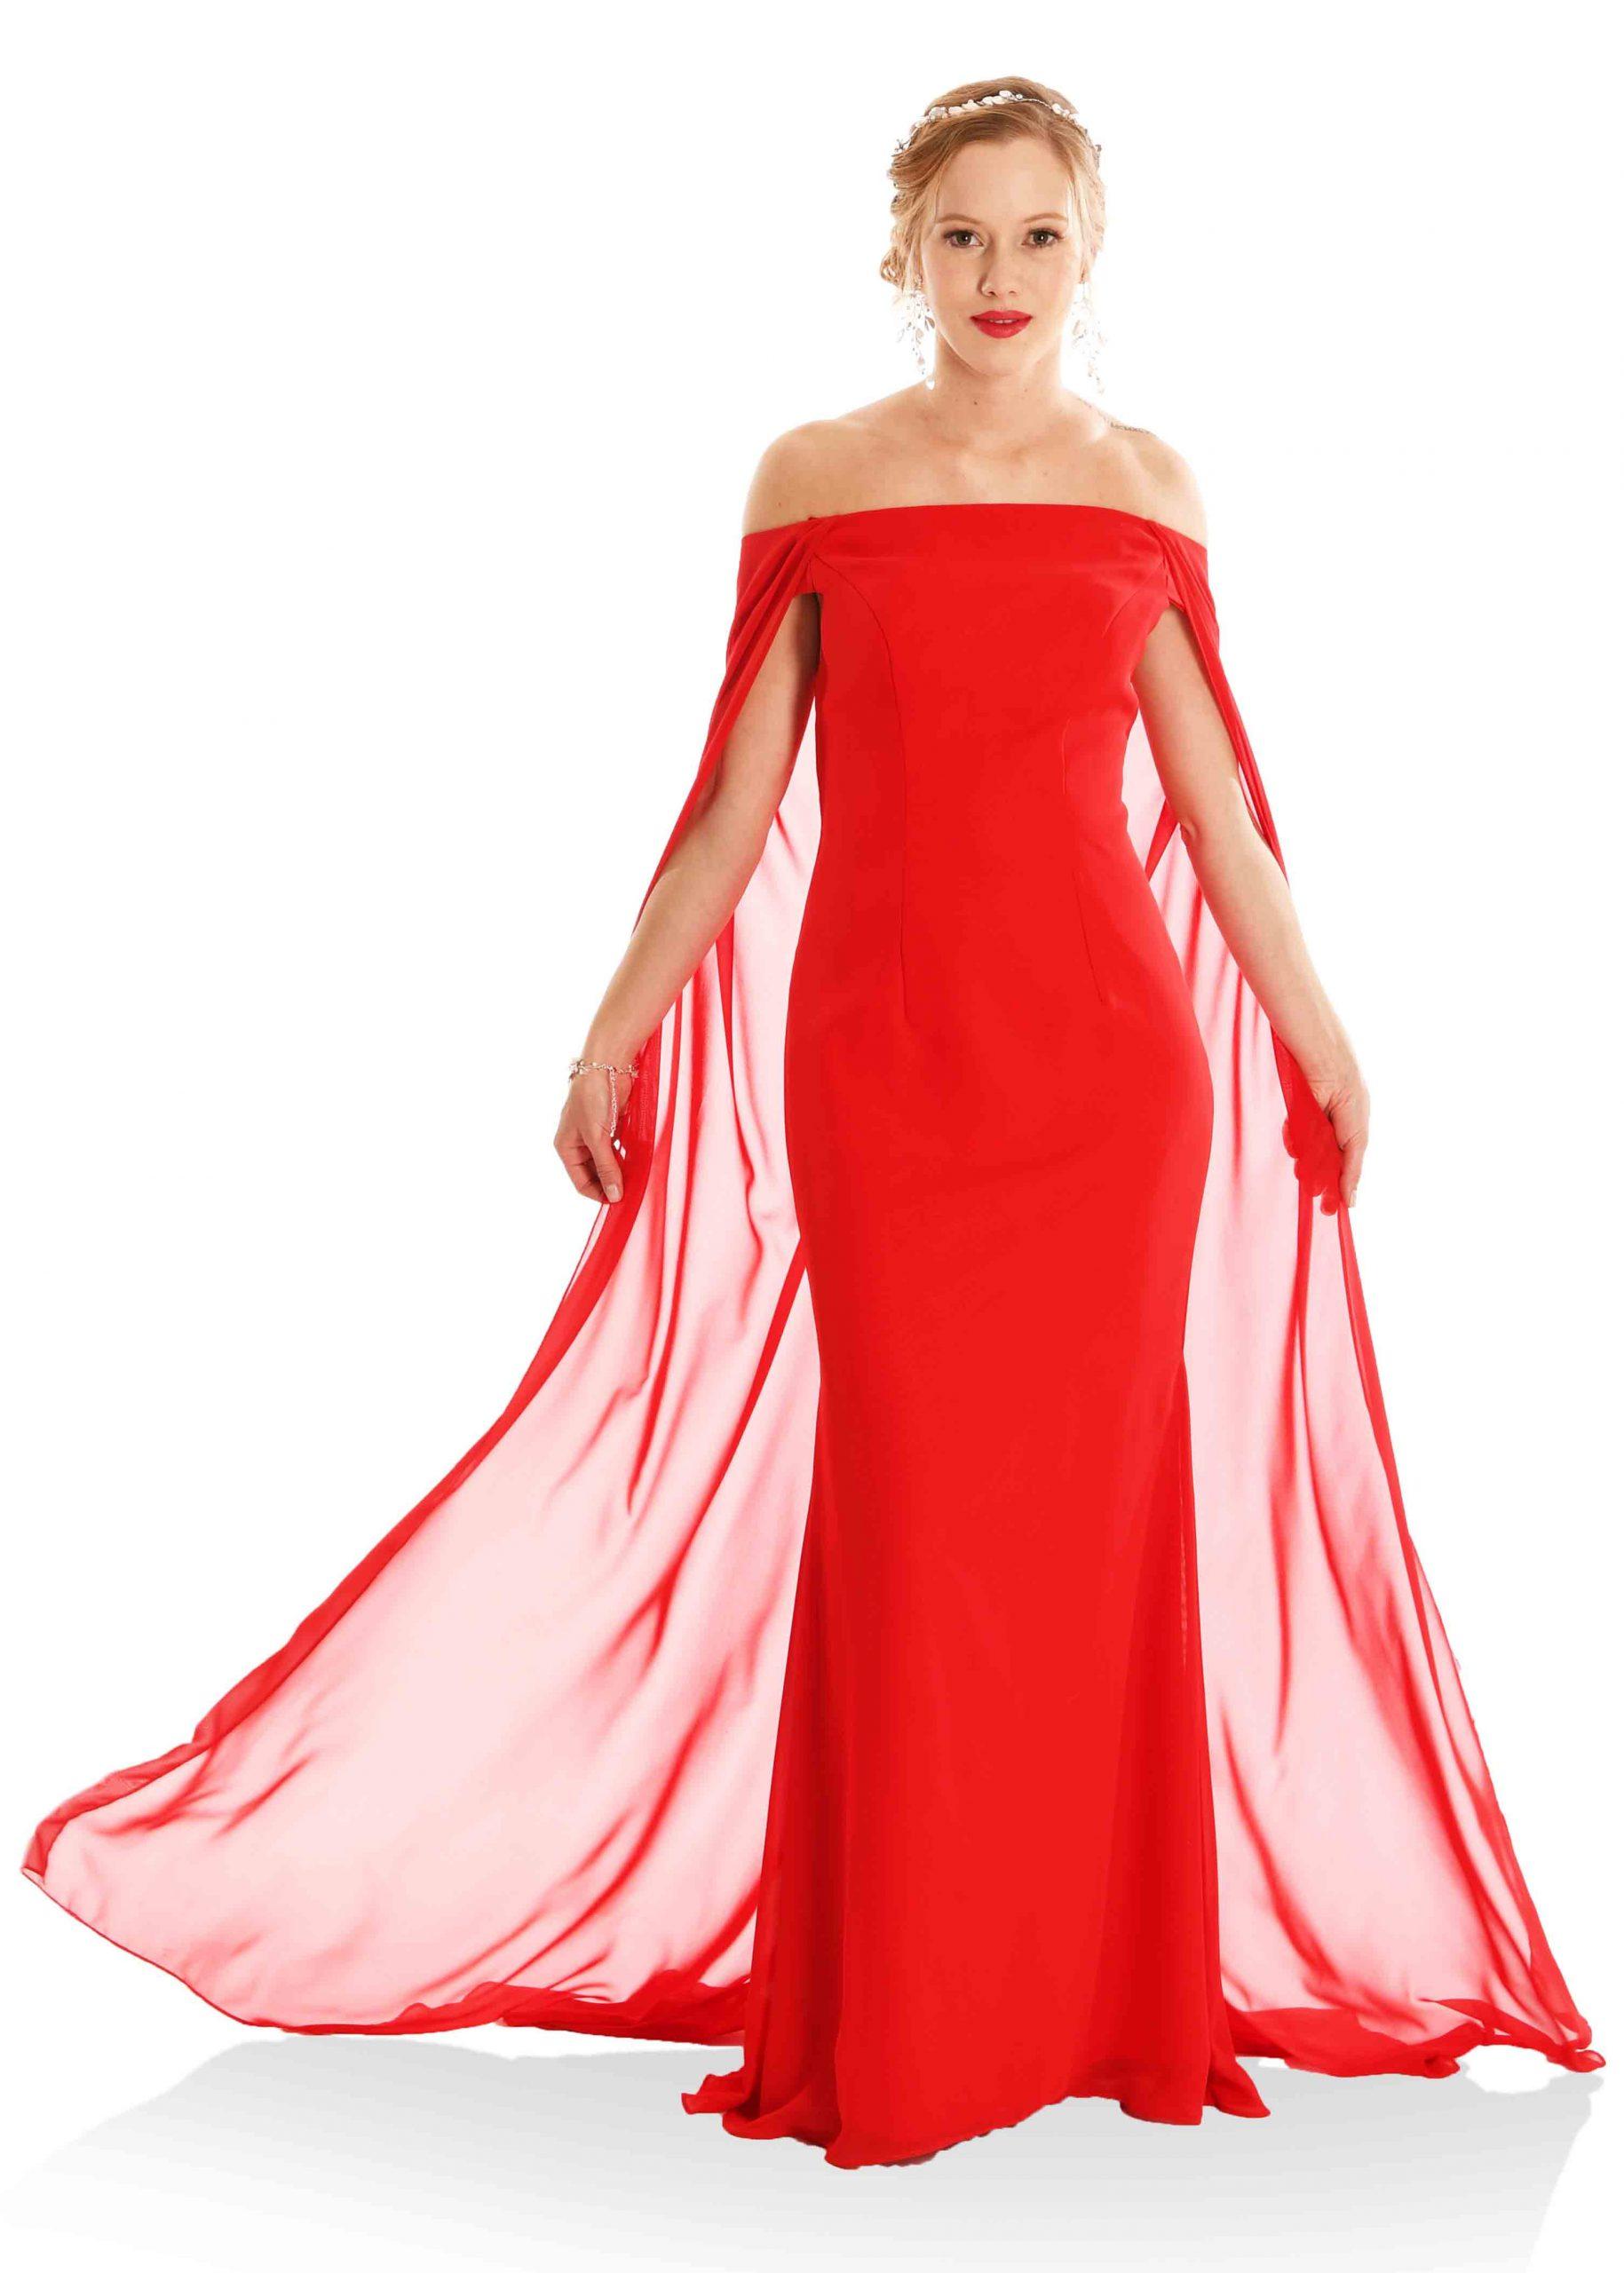 10 Luxus Elegante Kleider Knöchellang Vertrieb Einzigartig Elegante Kleider Knöchellang Ärmel